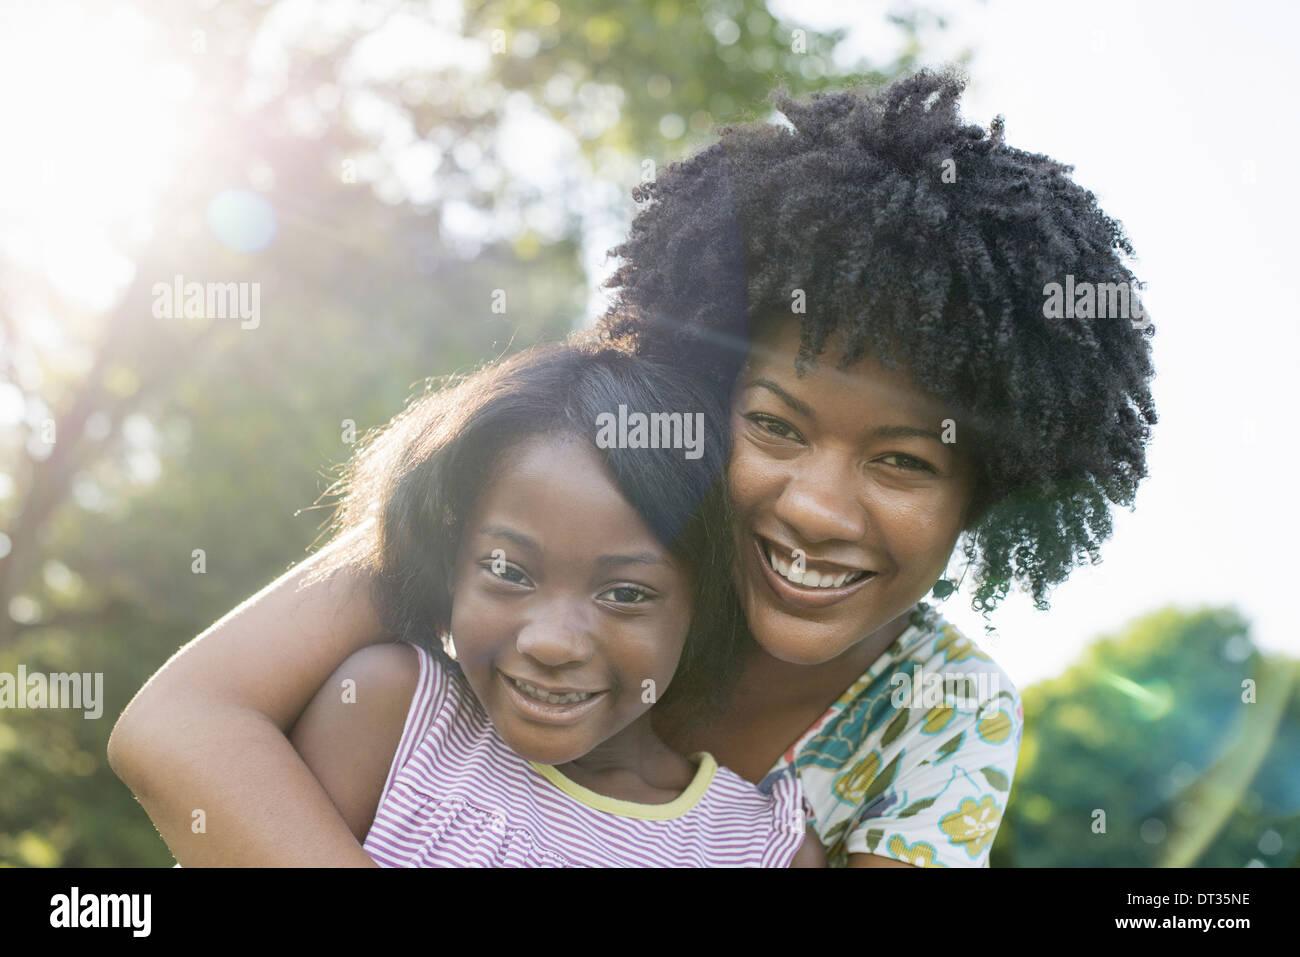 Eine junge Frau und ein Kind umarmen Stockbild